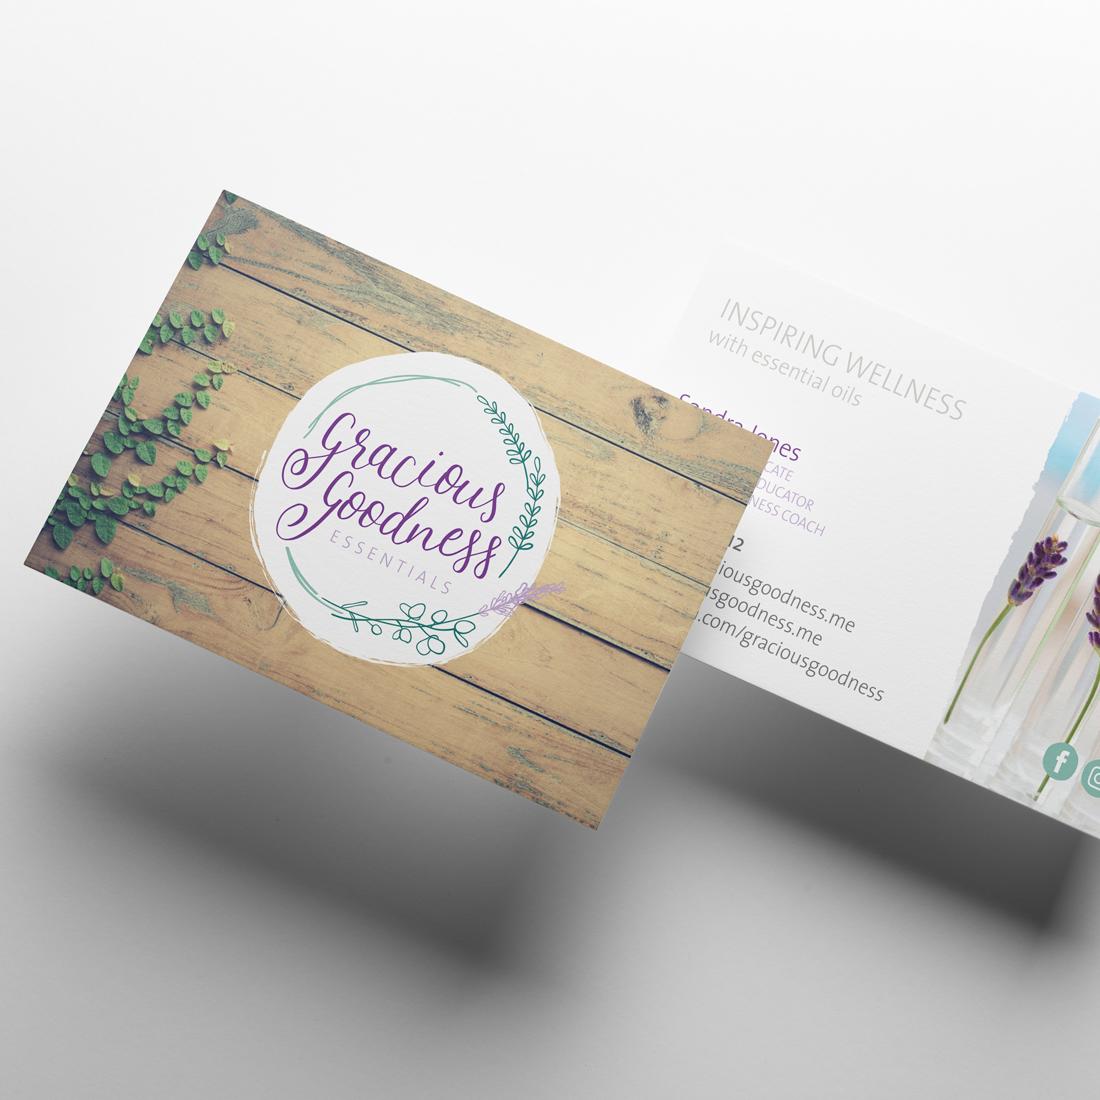 Gracious Goodness Essentials Business Cards